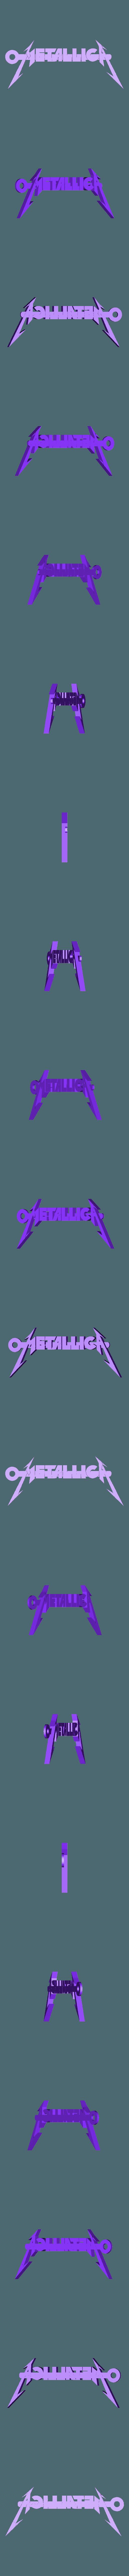 Metallica_Logo_Keychain_MCKO.stl Download free STL file Metallica Logo Keychain • 3D print design, mcko